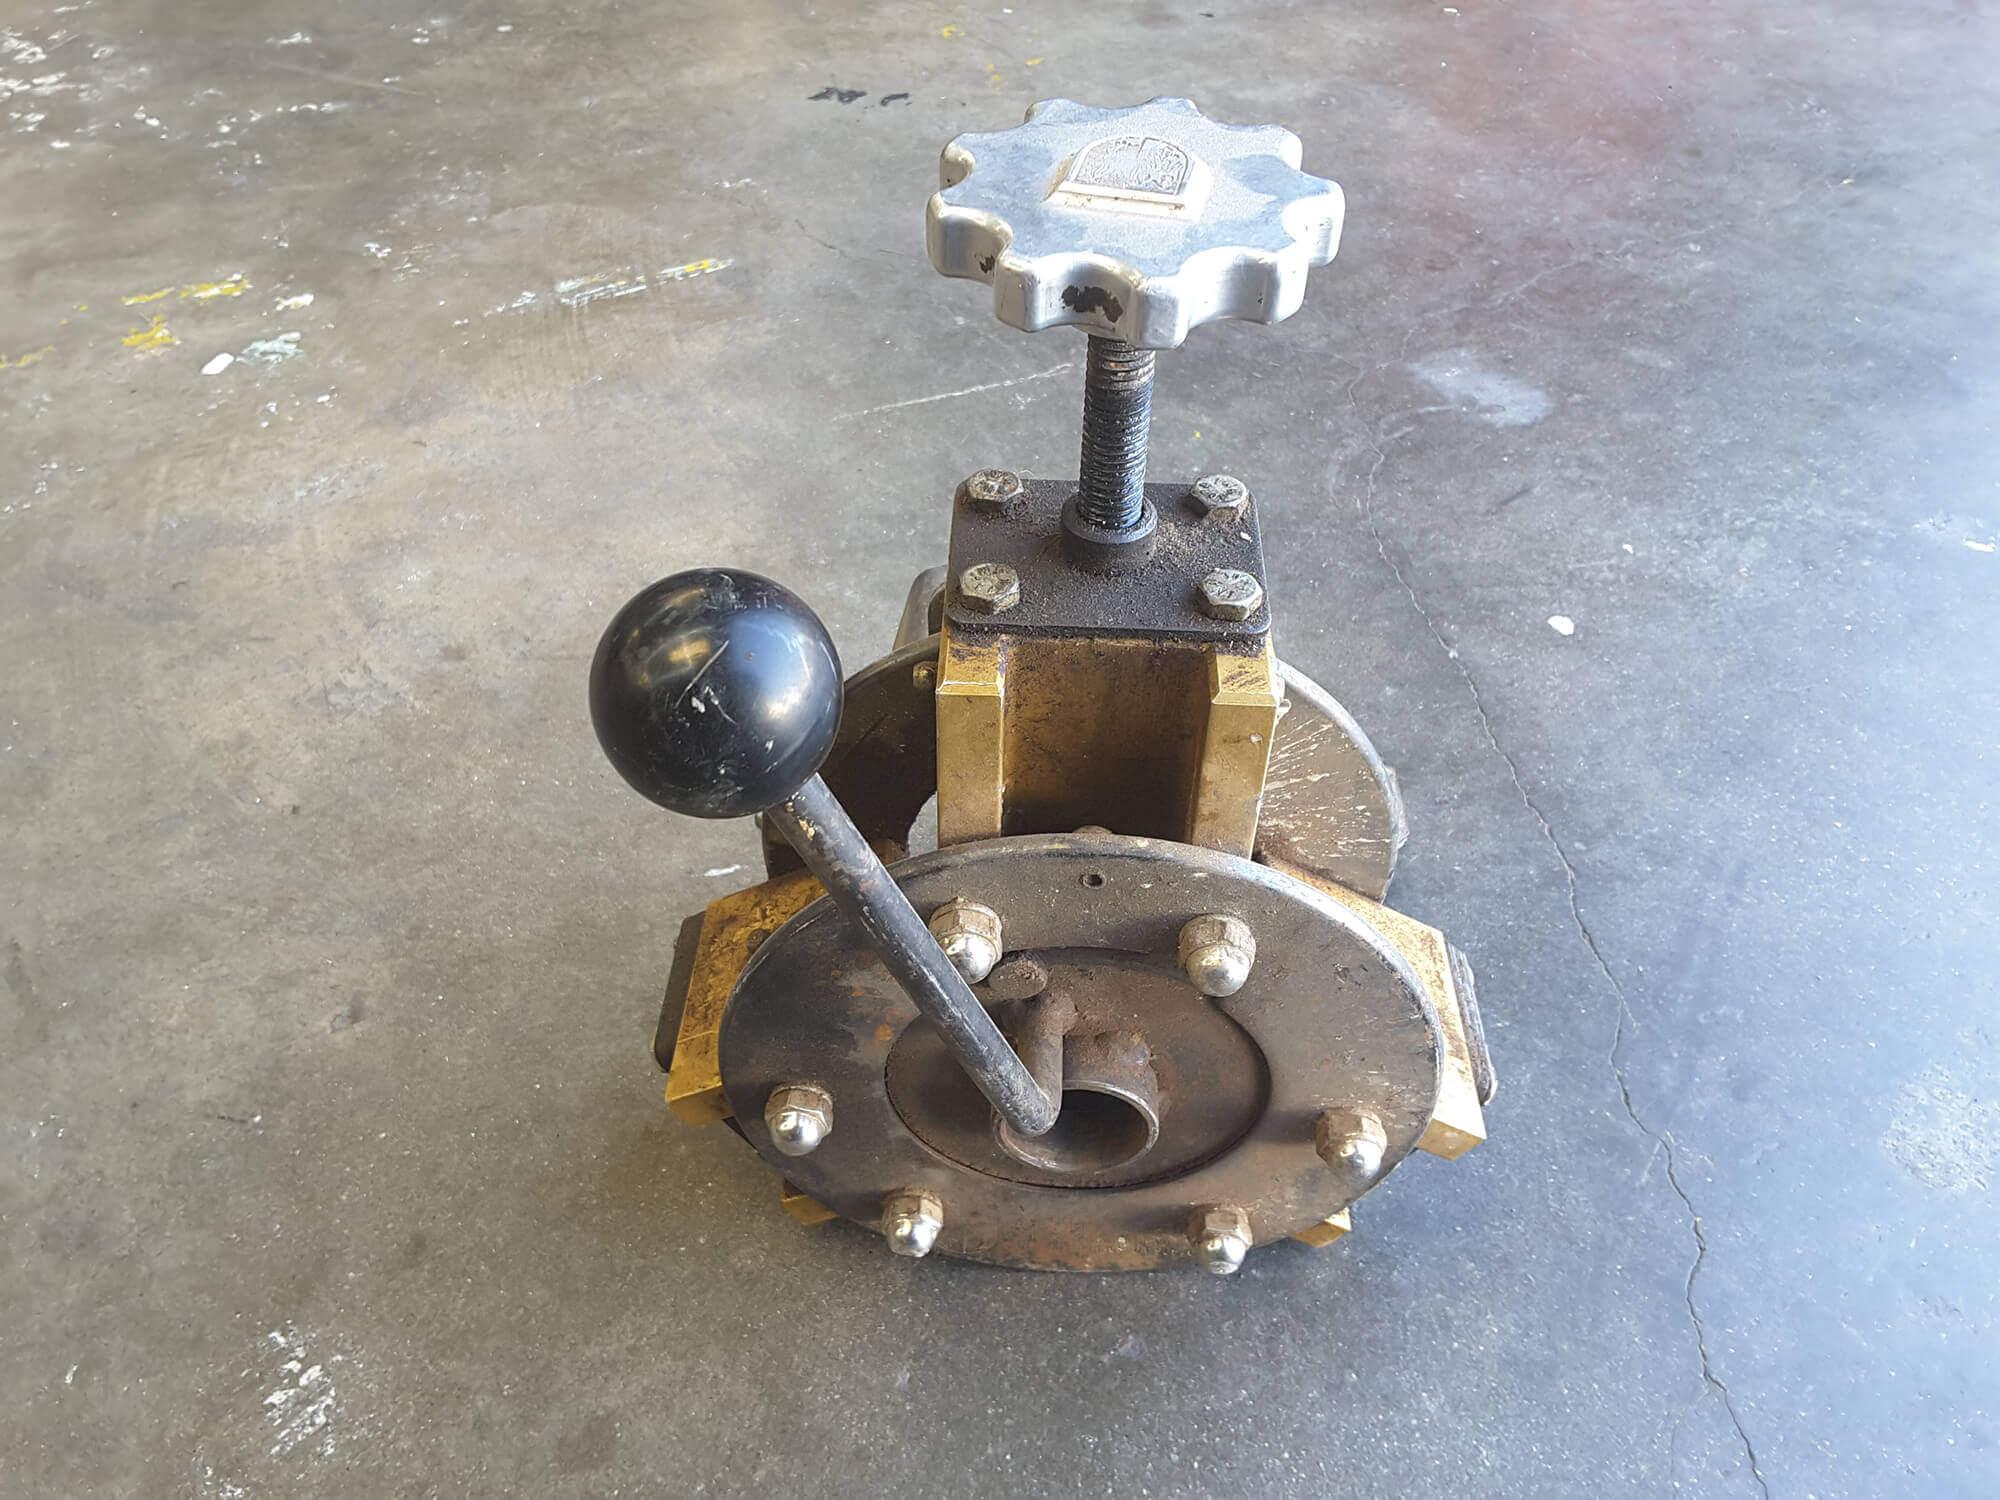 Drain Machine Power Feeder - Drain Machine Service & Repair